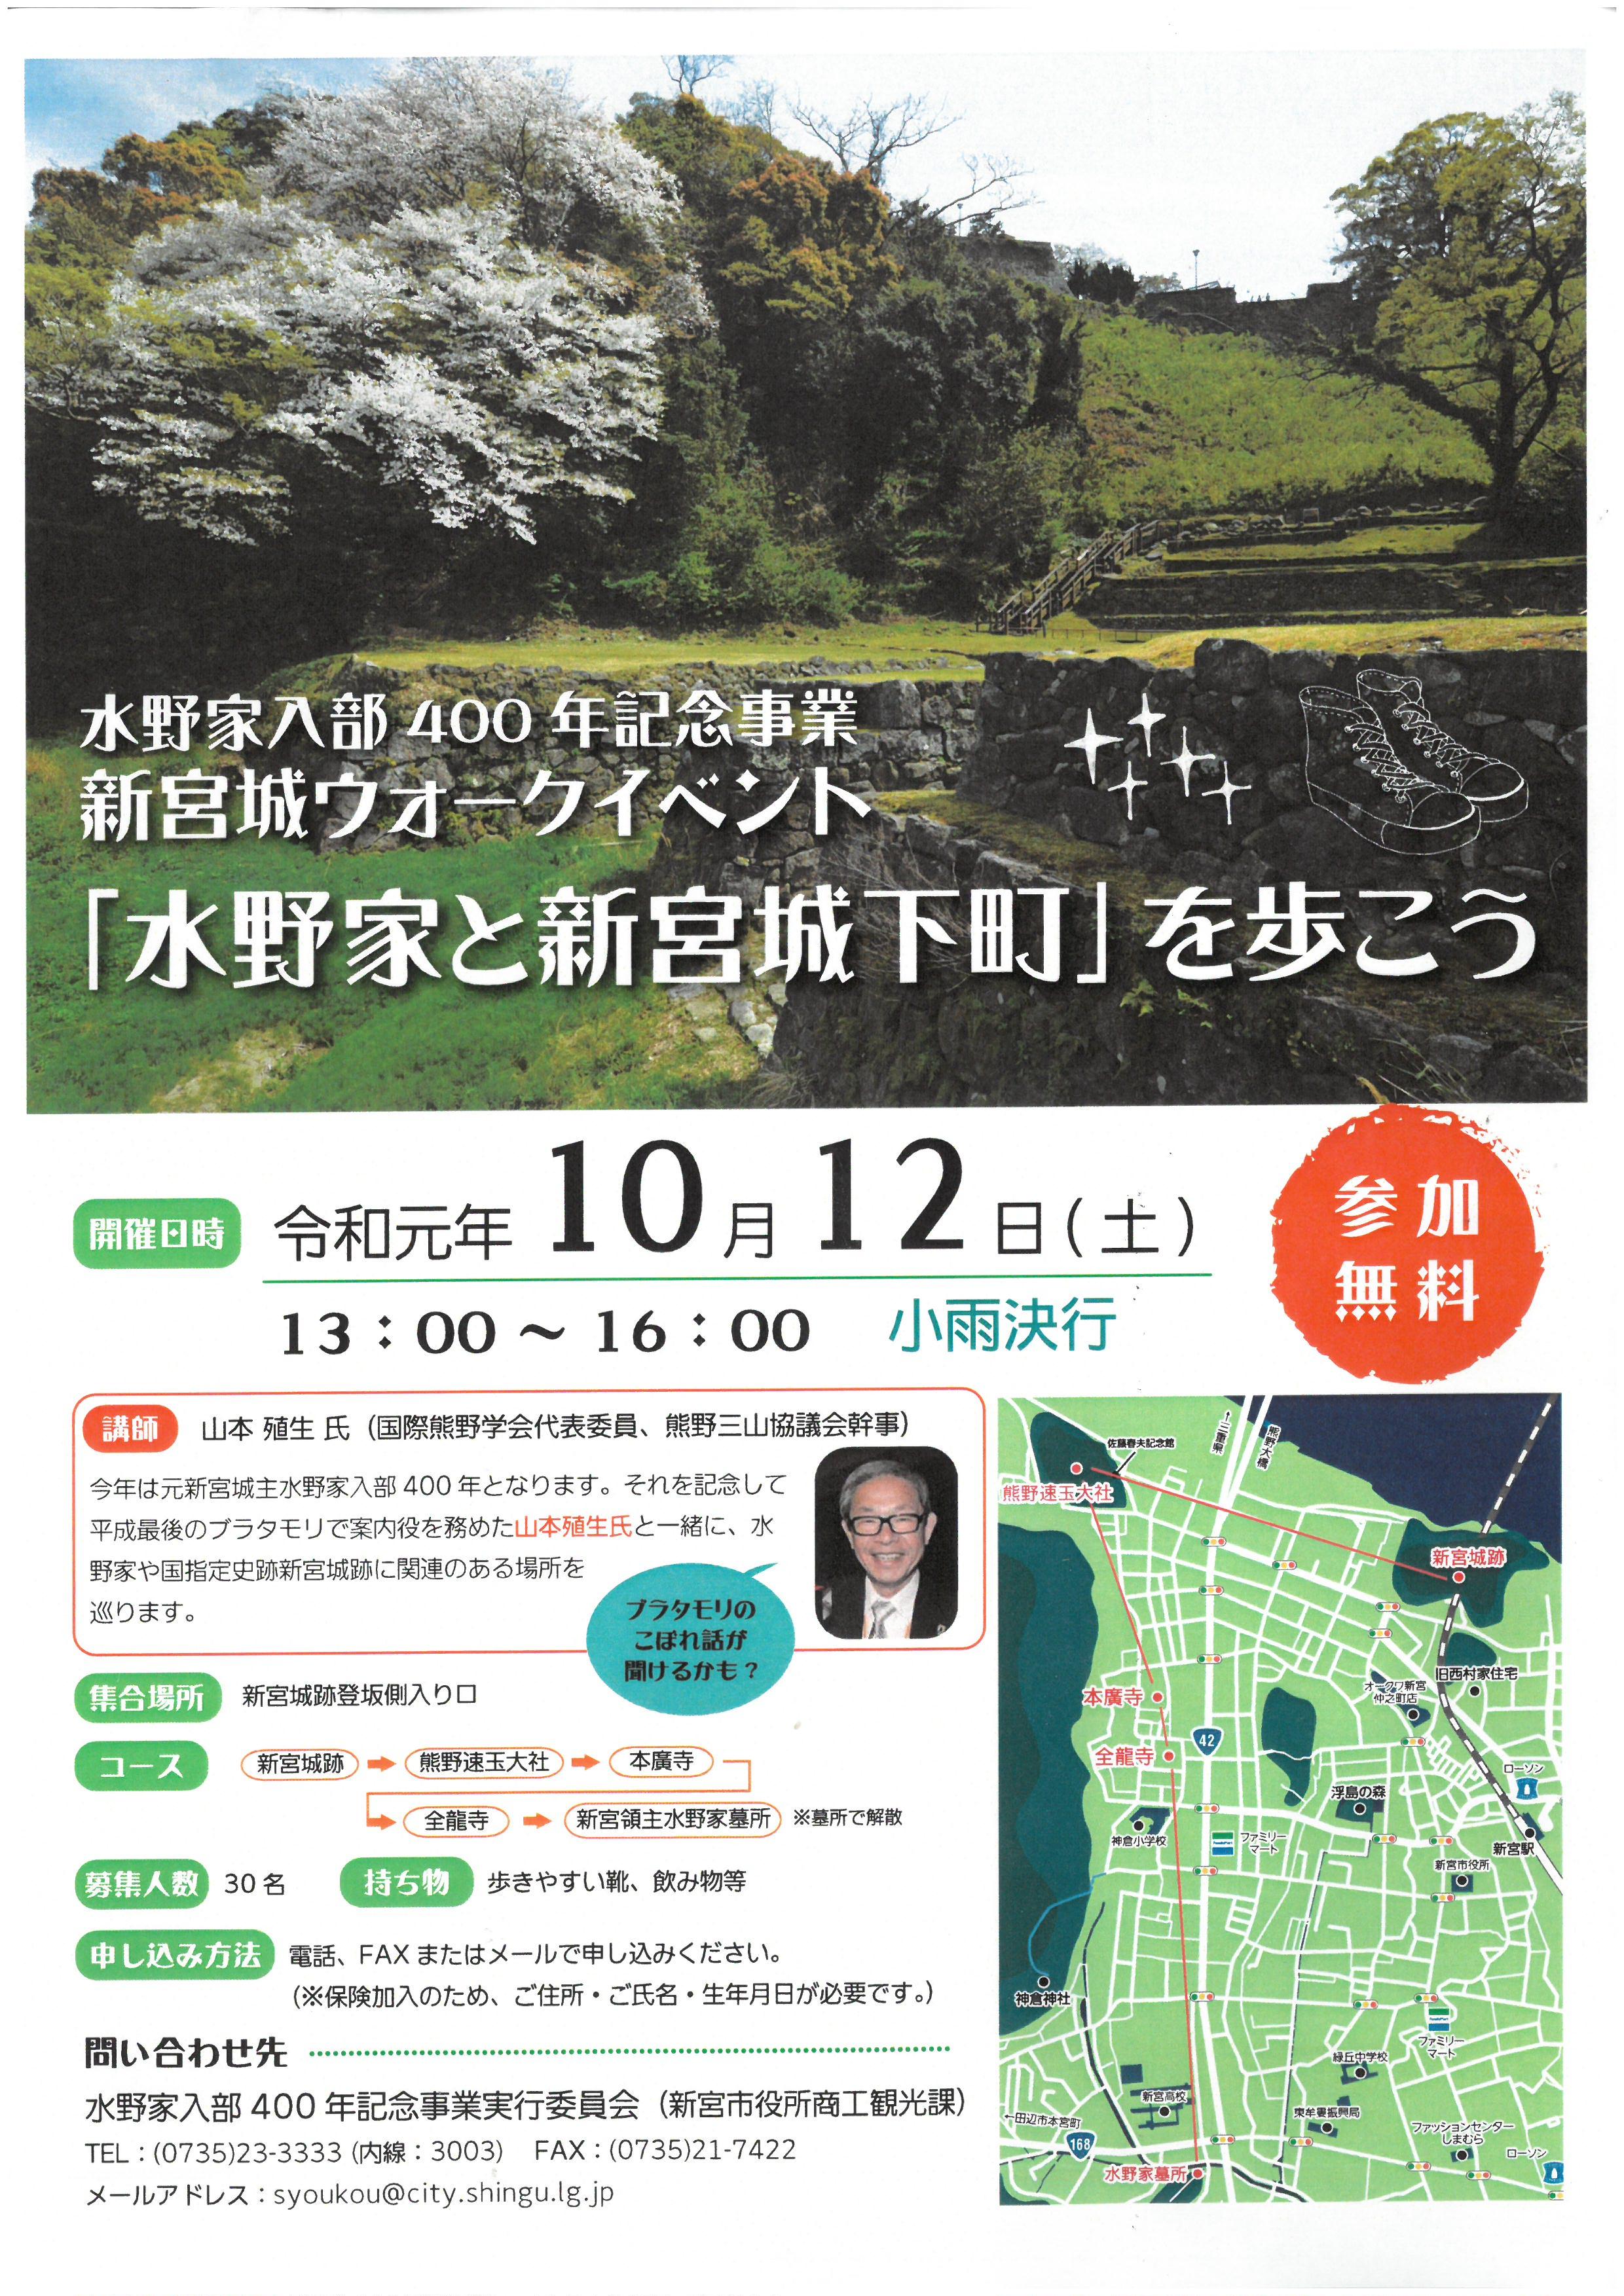 新宮城跡清掃および新宮城ウォークイベント「水野家と新宮城下町」を歩こう